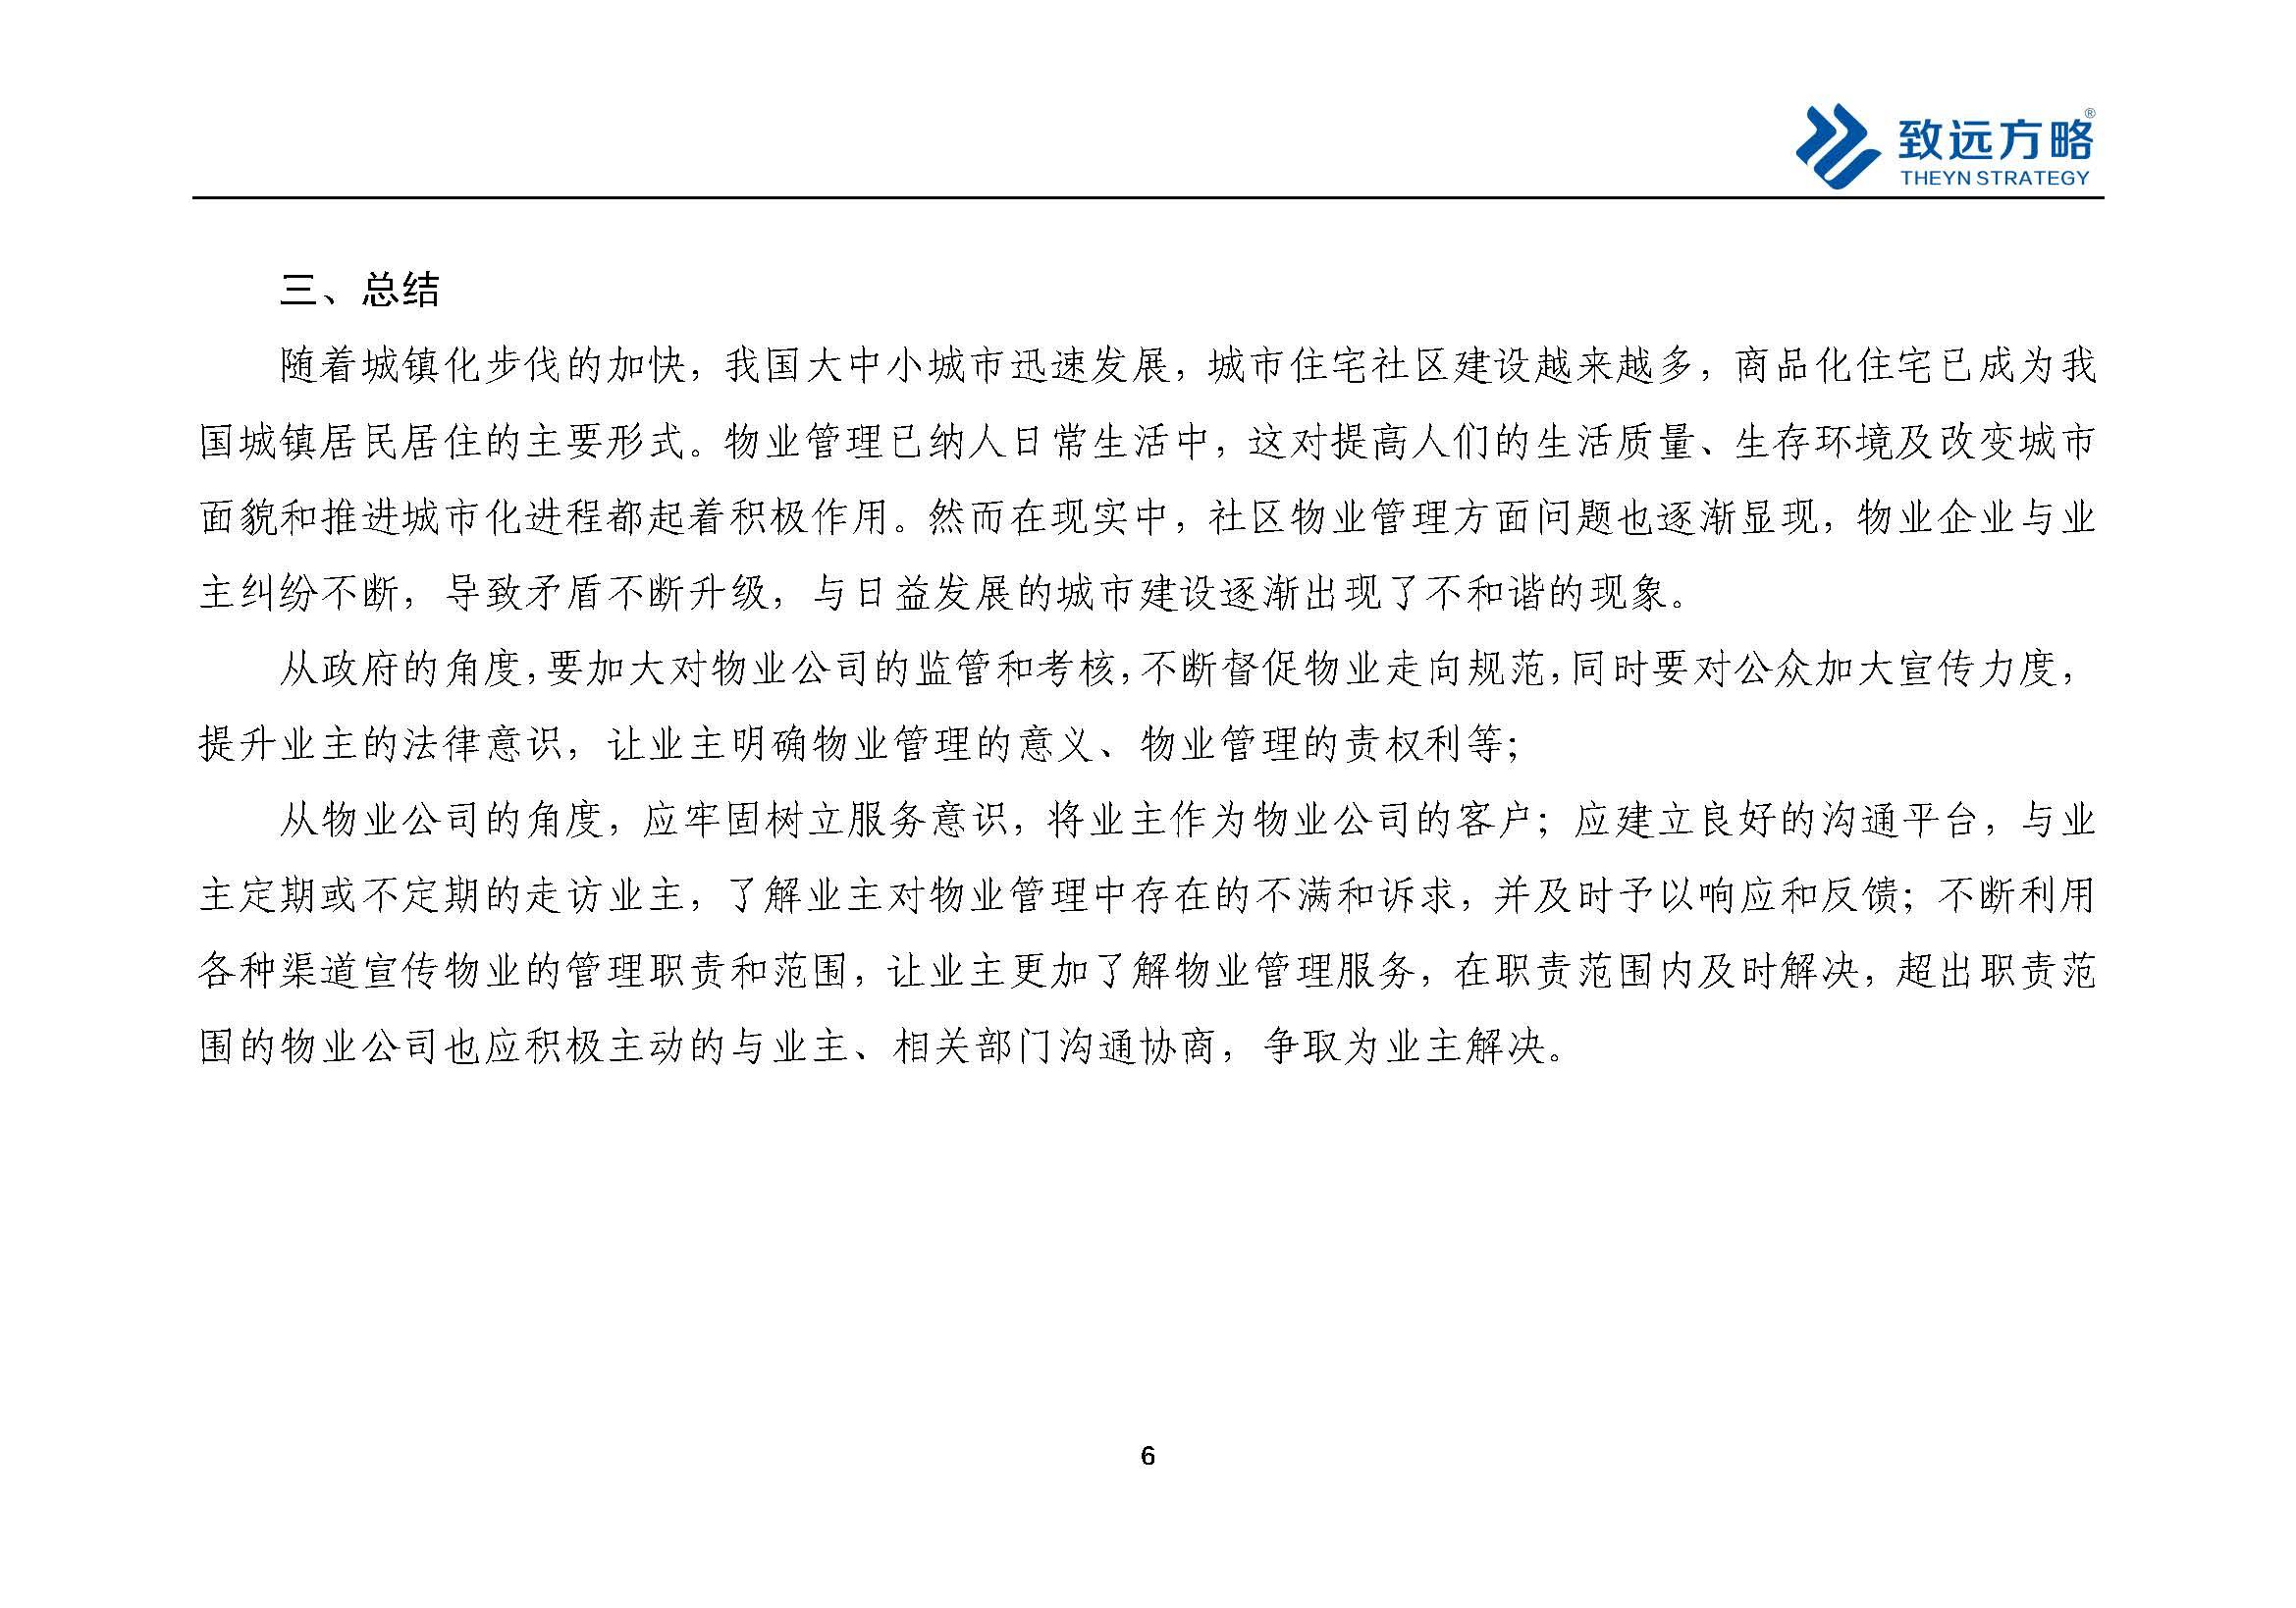 新建文件夹-2020疫情期间四川物业满意度暨物业满意度指数跟踪调查报告_页面_7